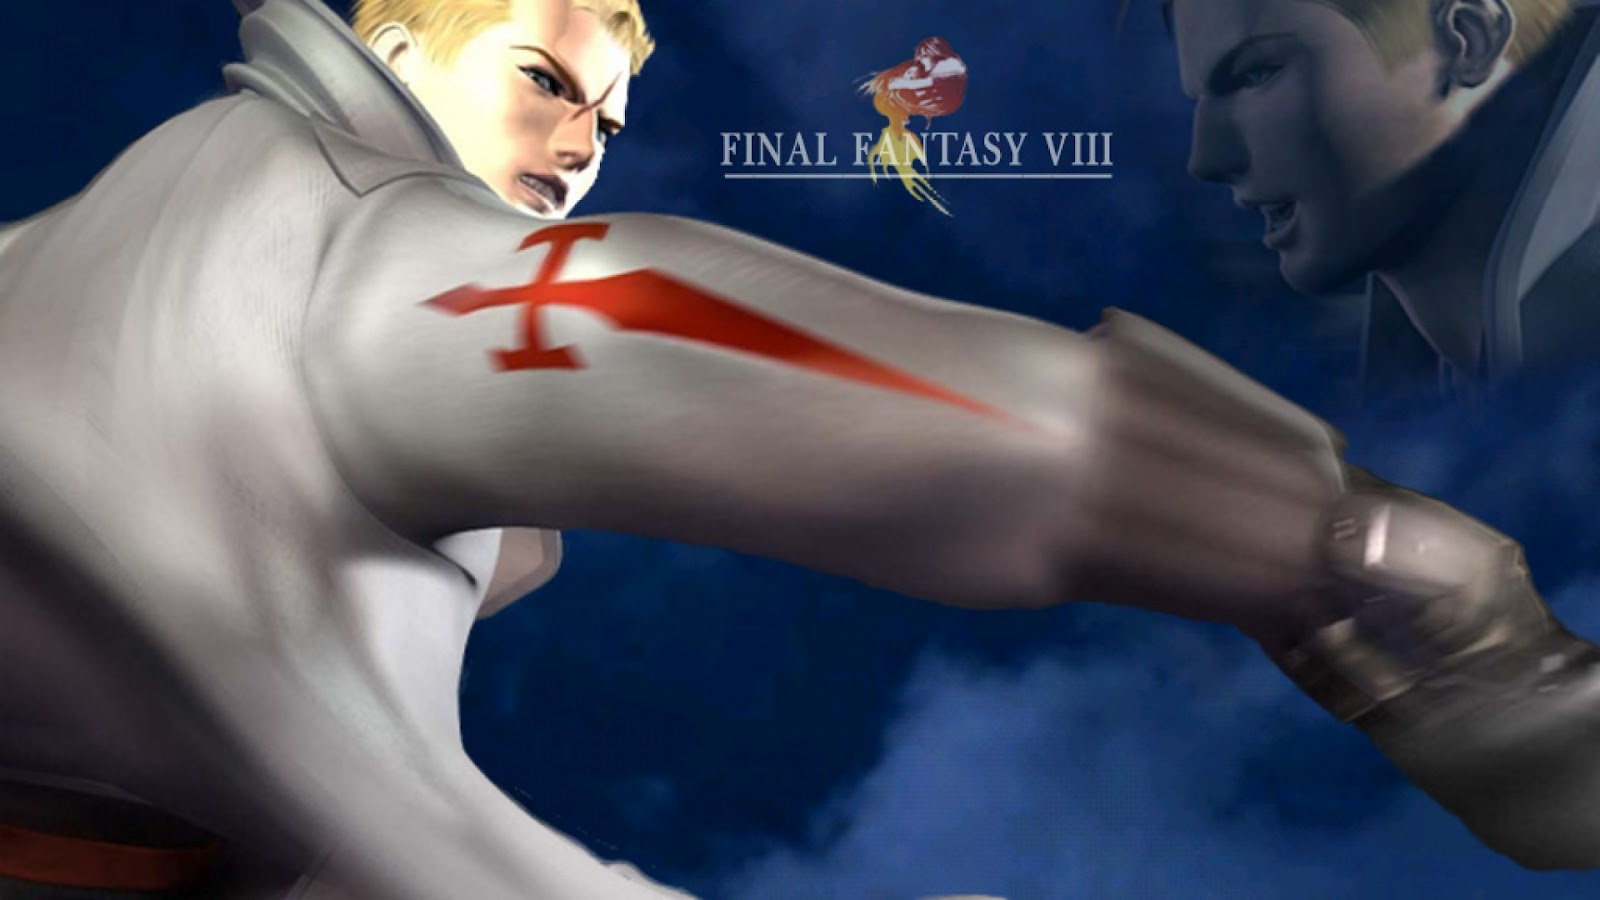 http://2.bp.blogspot.com/-755lfhhpbVg/UBT4r9sXz7I/AAAAAAAAEh0/E804n6zdJwI/s1600/final-fantasy-viii-wallpaper.jpg